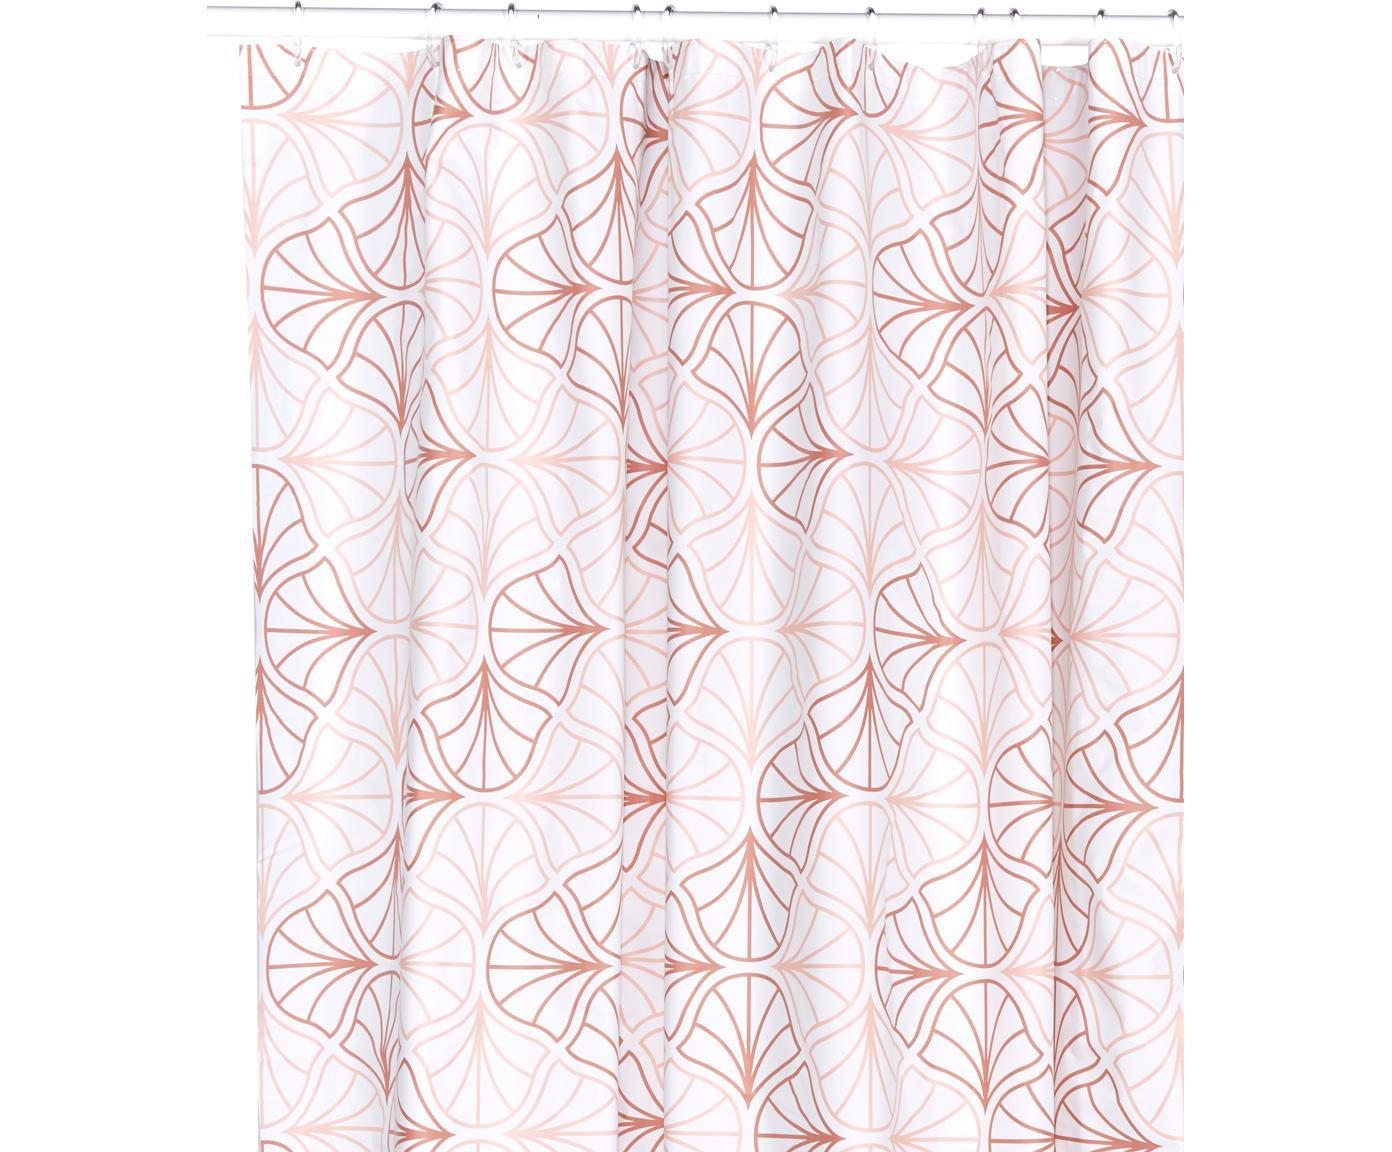 Cortina de baño Bloom, Plástico ecológico (PEVA), libre de PVC Impermeable, Blanco, terracota, An 180 x L 200 cm